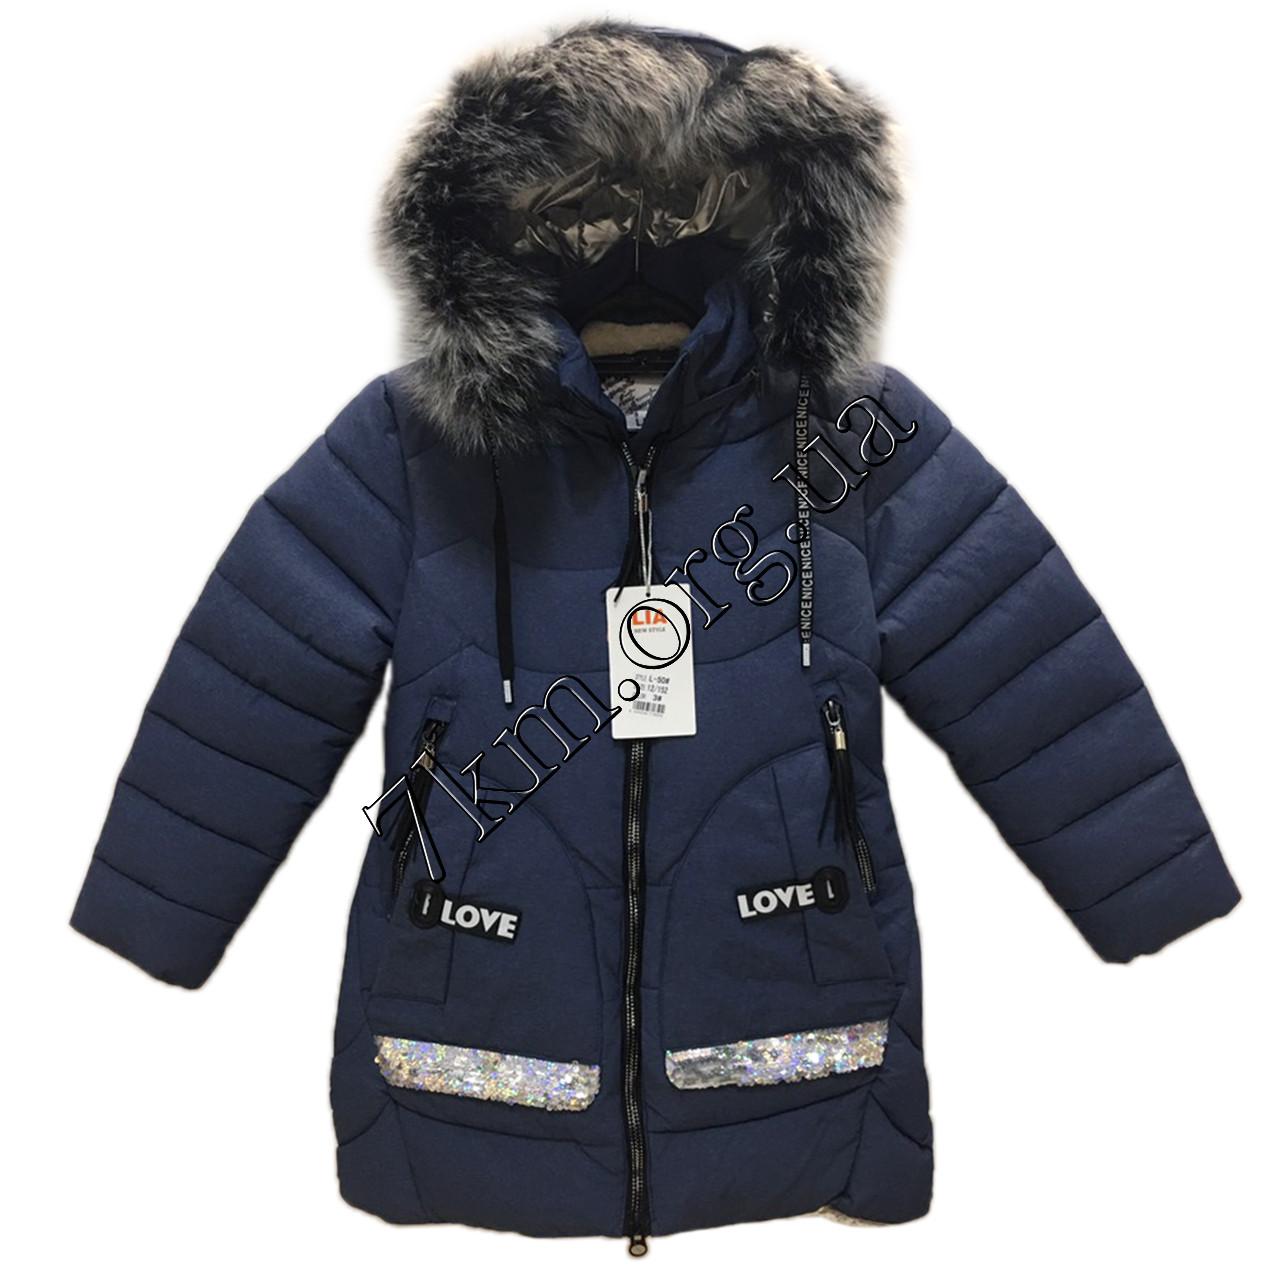 Куртка подростковая для девочек 134-158 см. Украина Оптом 261104-1